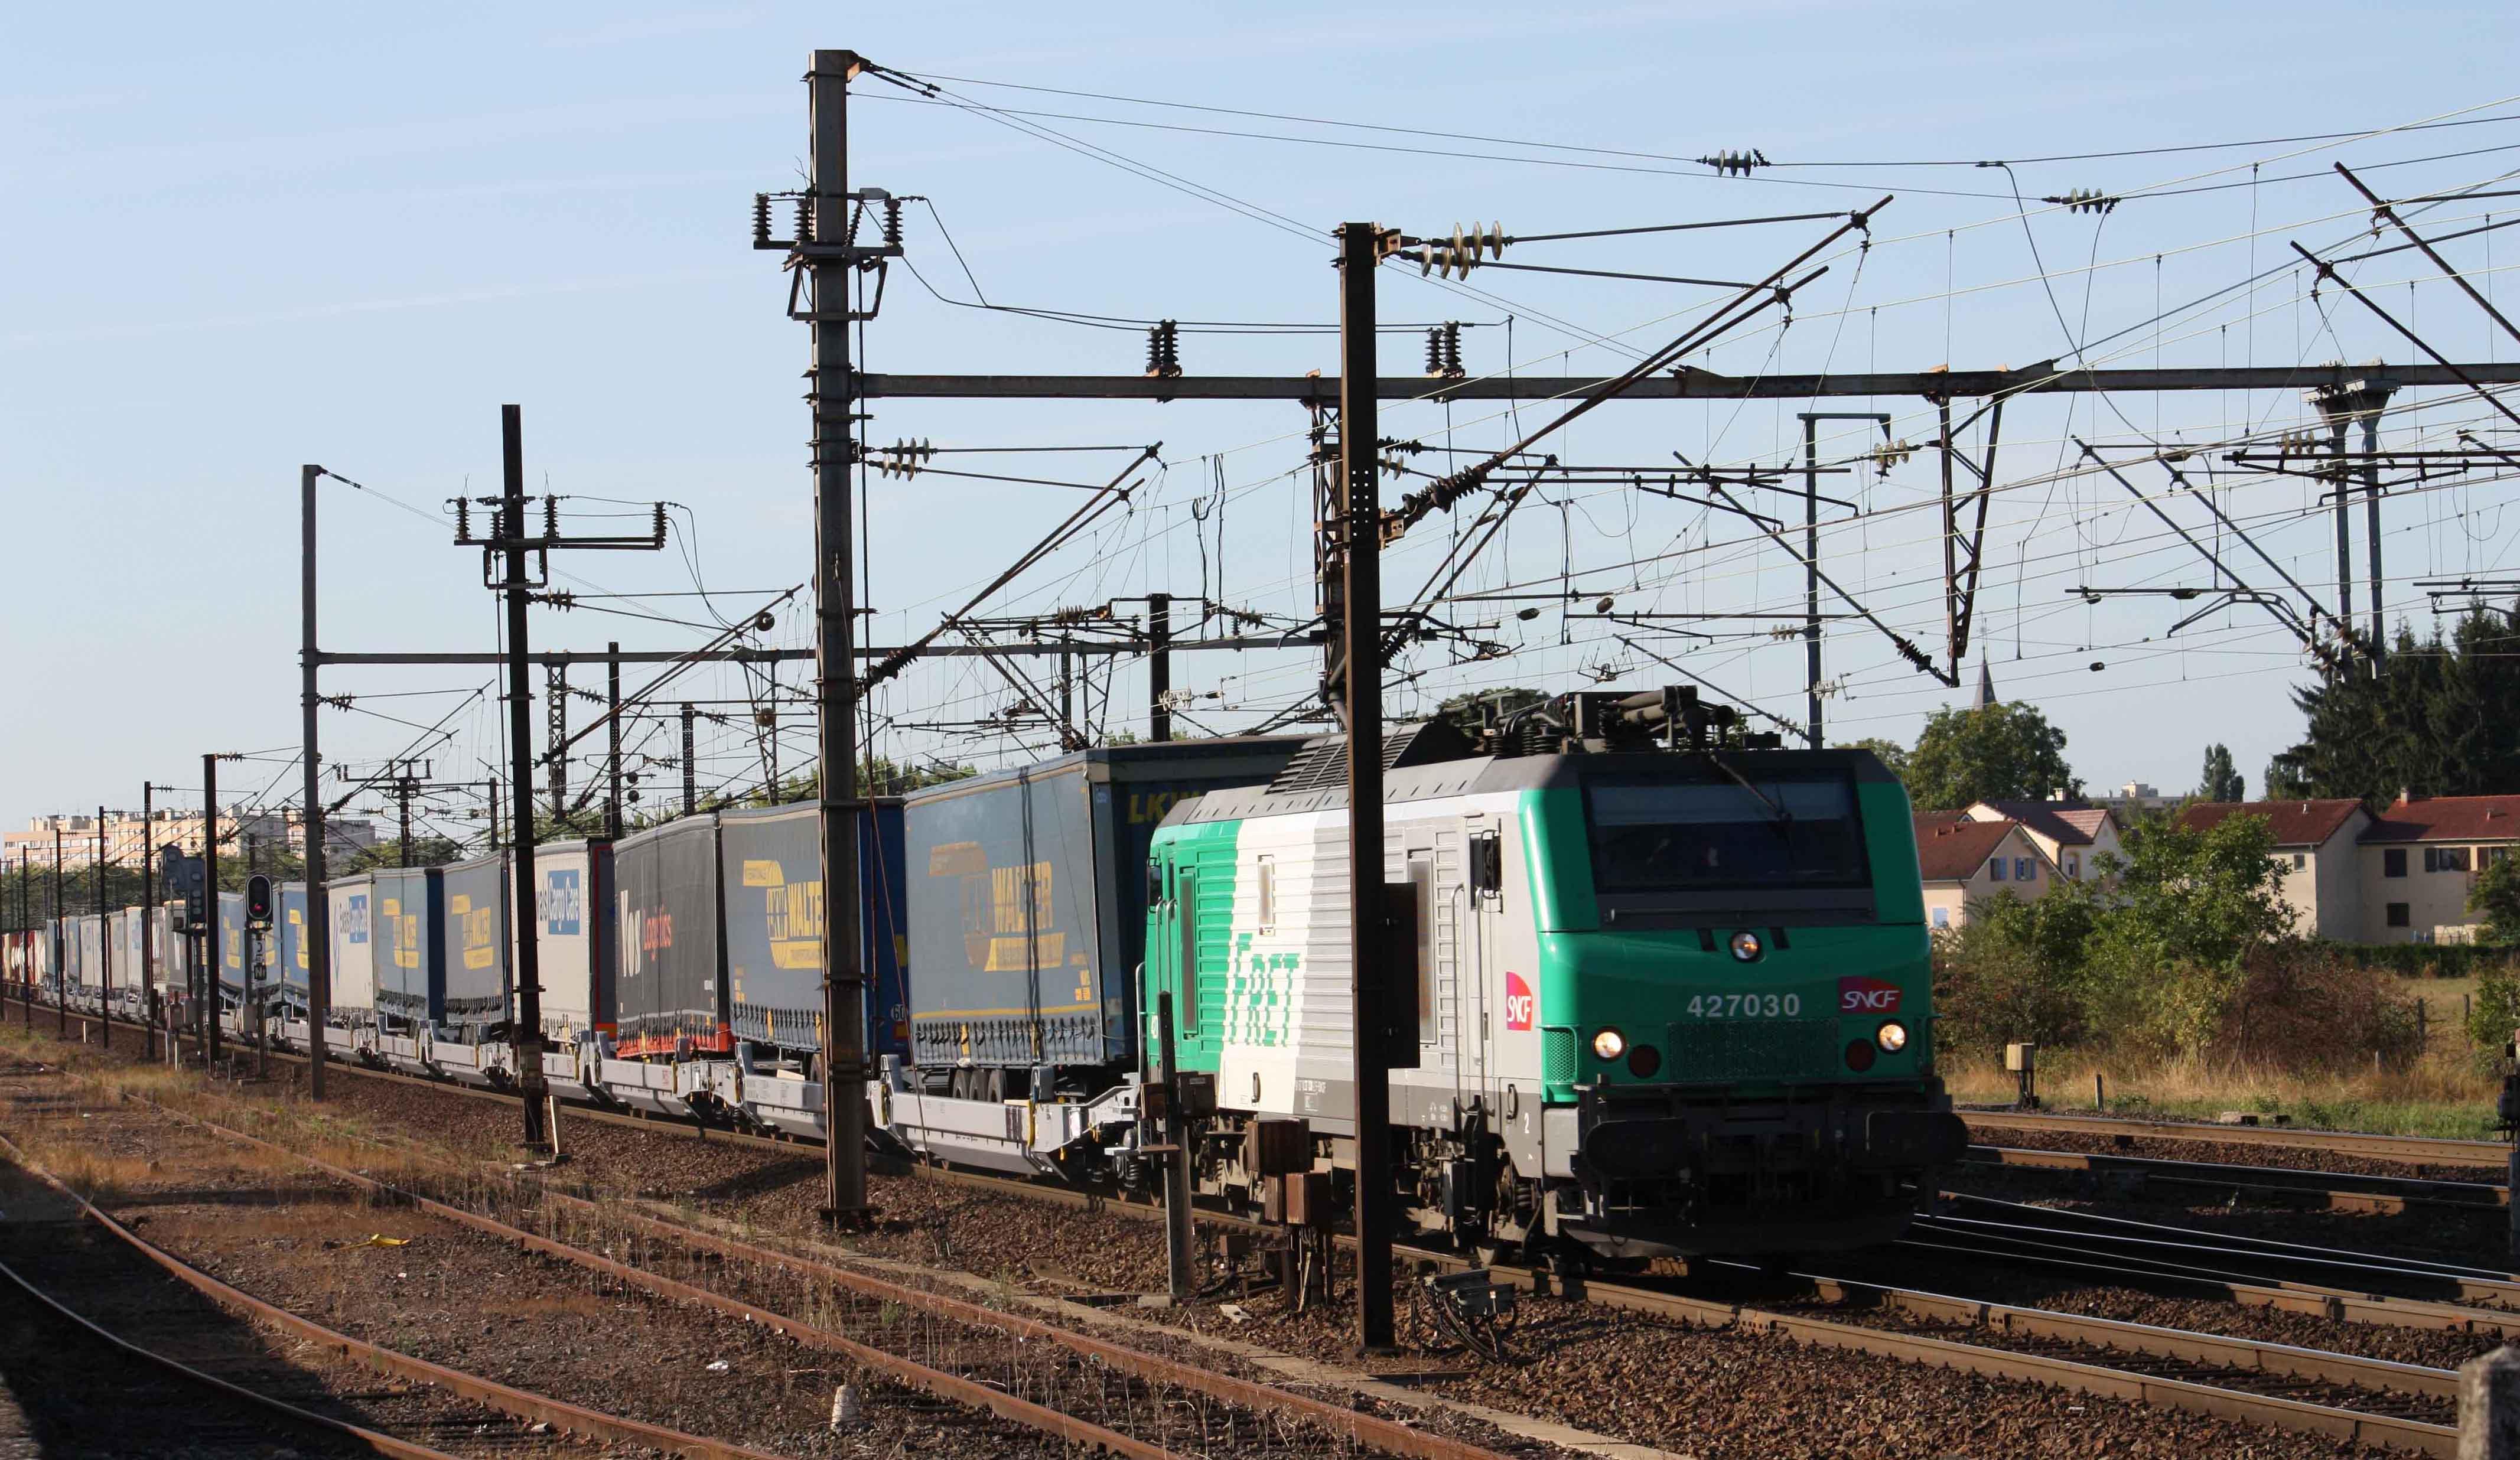 Train of Lohr UIC wagons near Metz